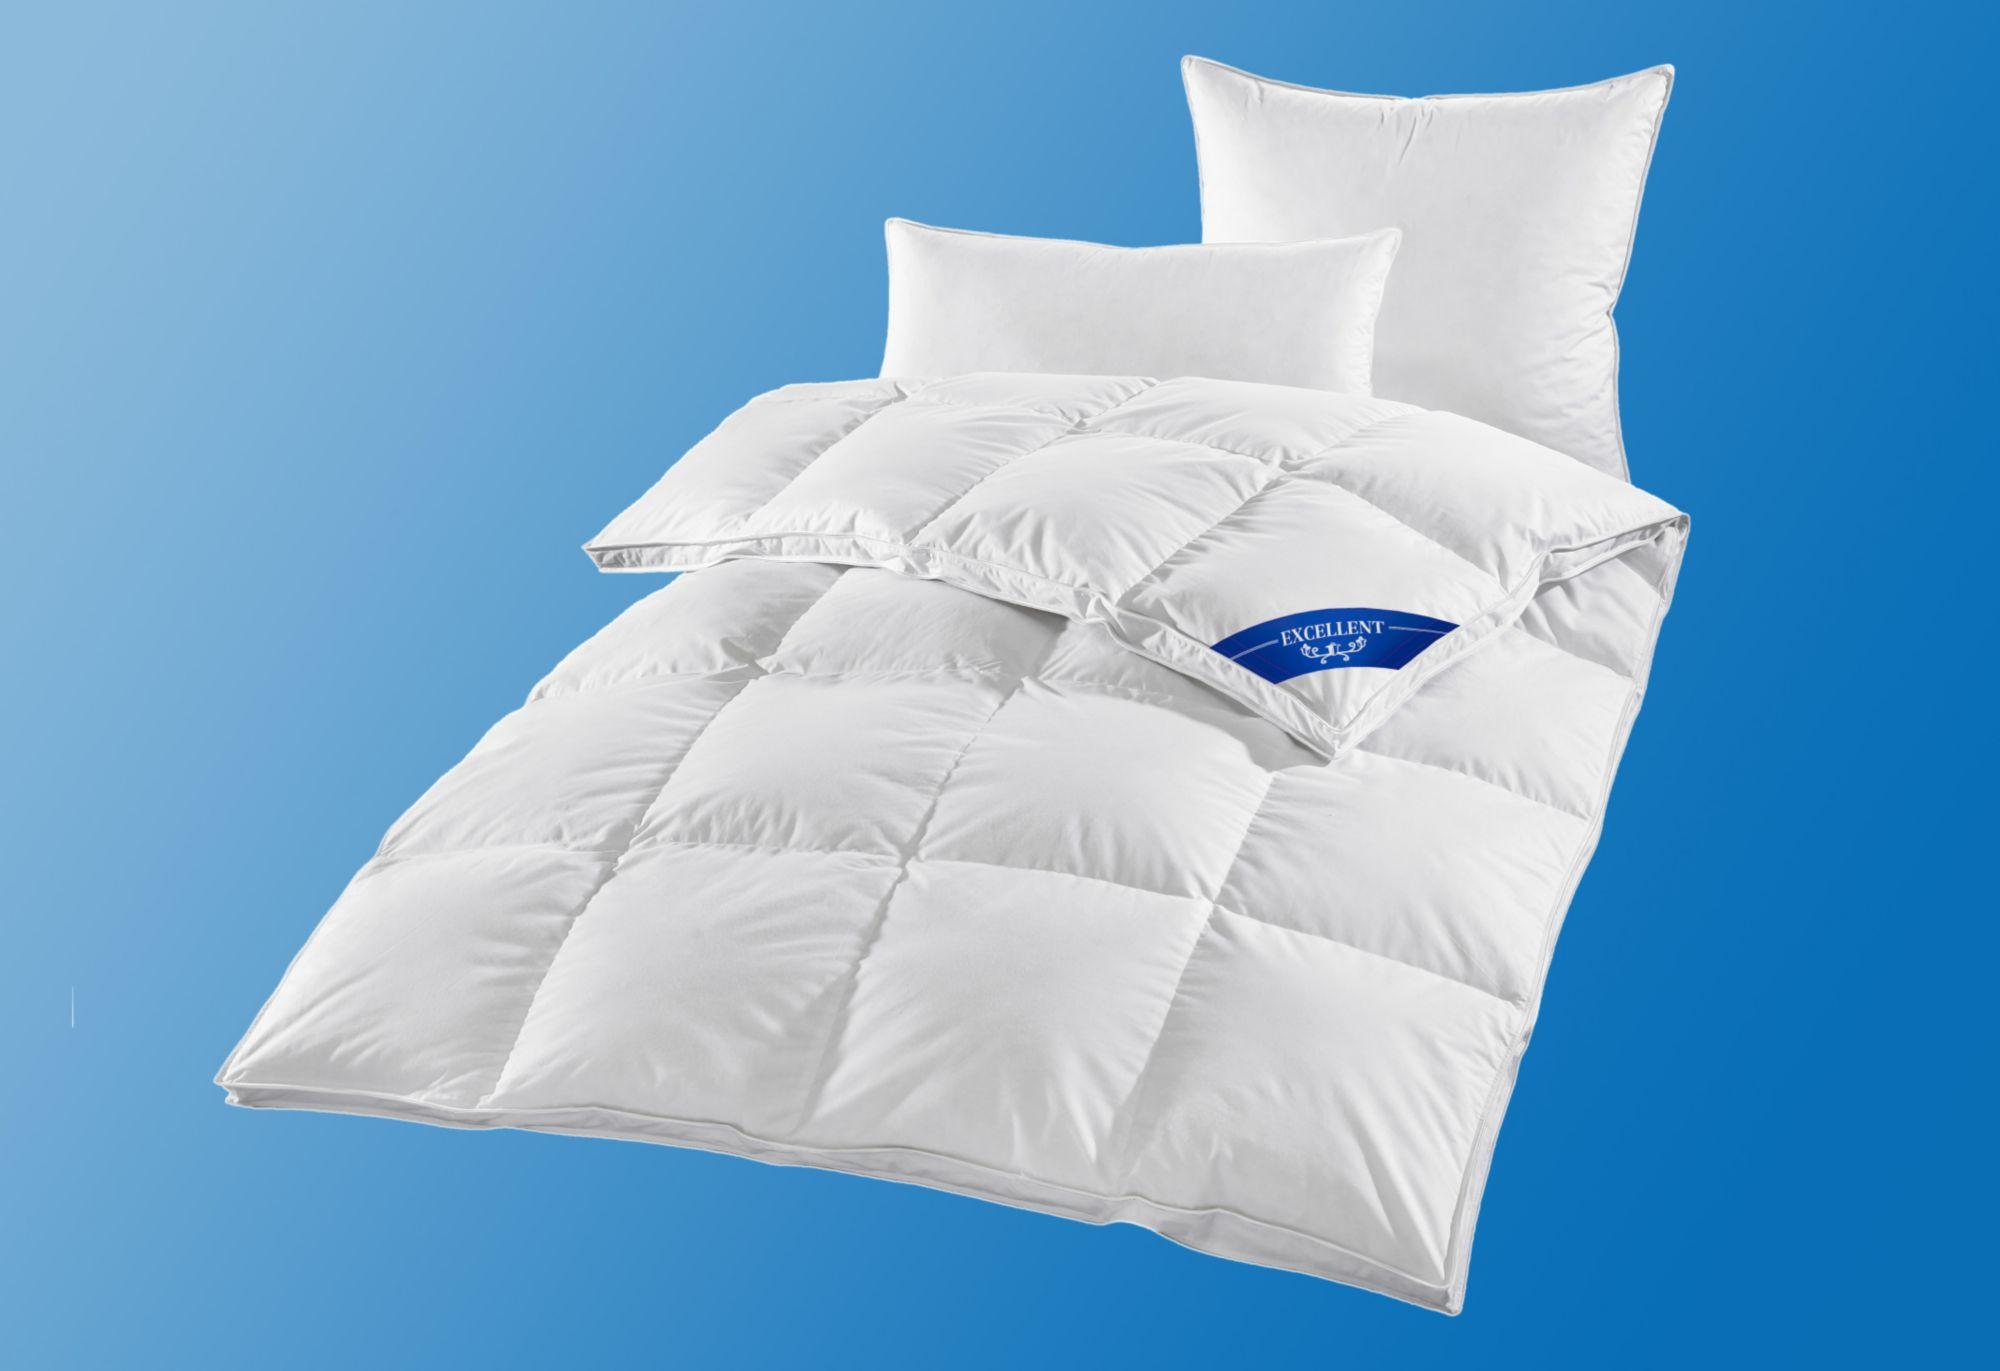 EXCELLENT Bettdeckenset Excellent Premium, Extra Warm, 100% Gänsedaunen